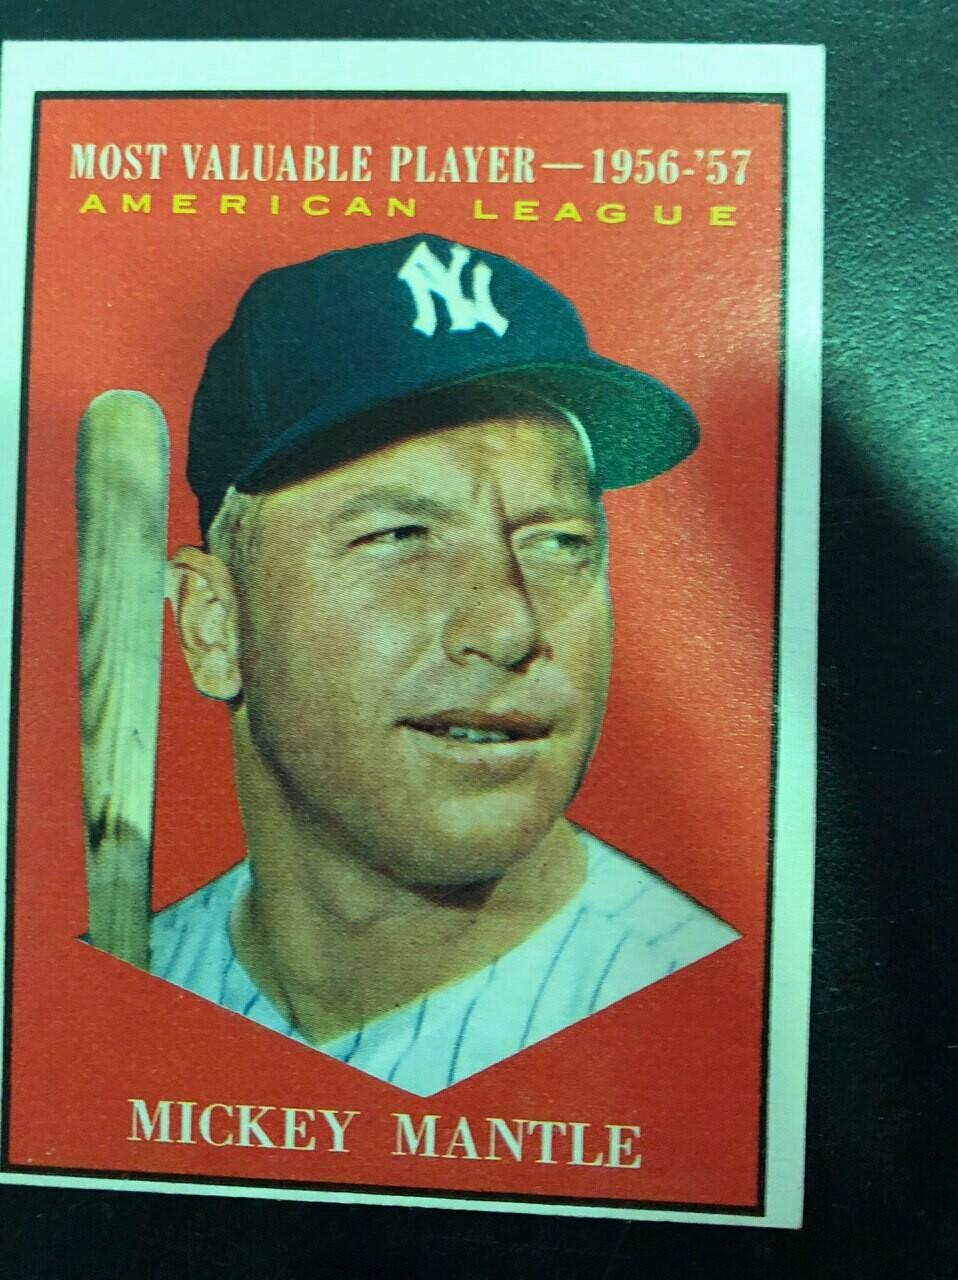 1961 Topps #475 Micky Mantle MVP, $250